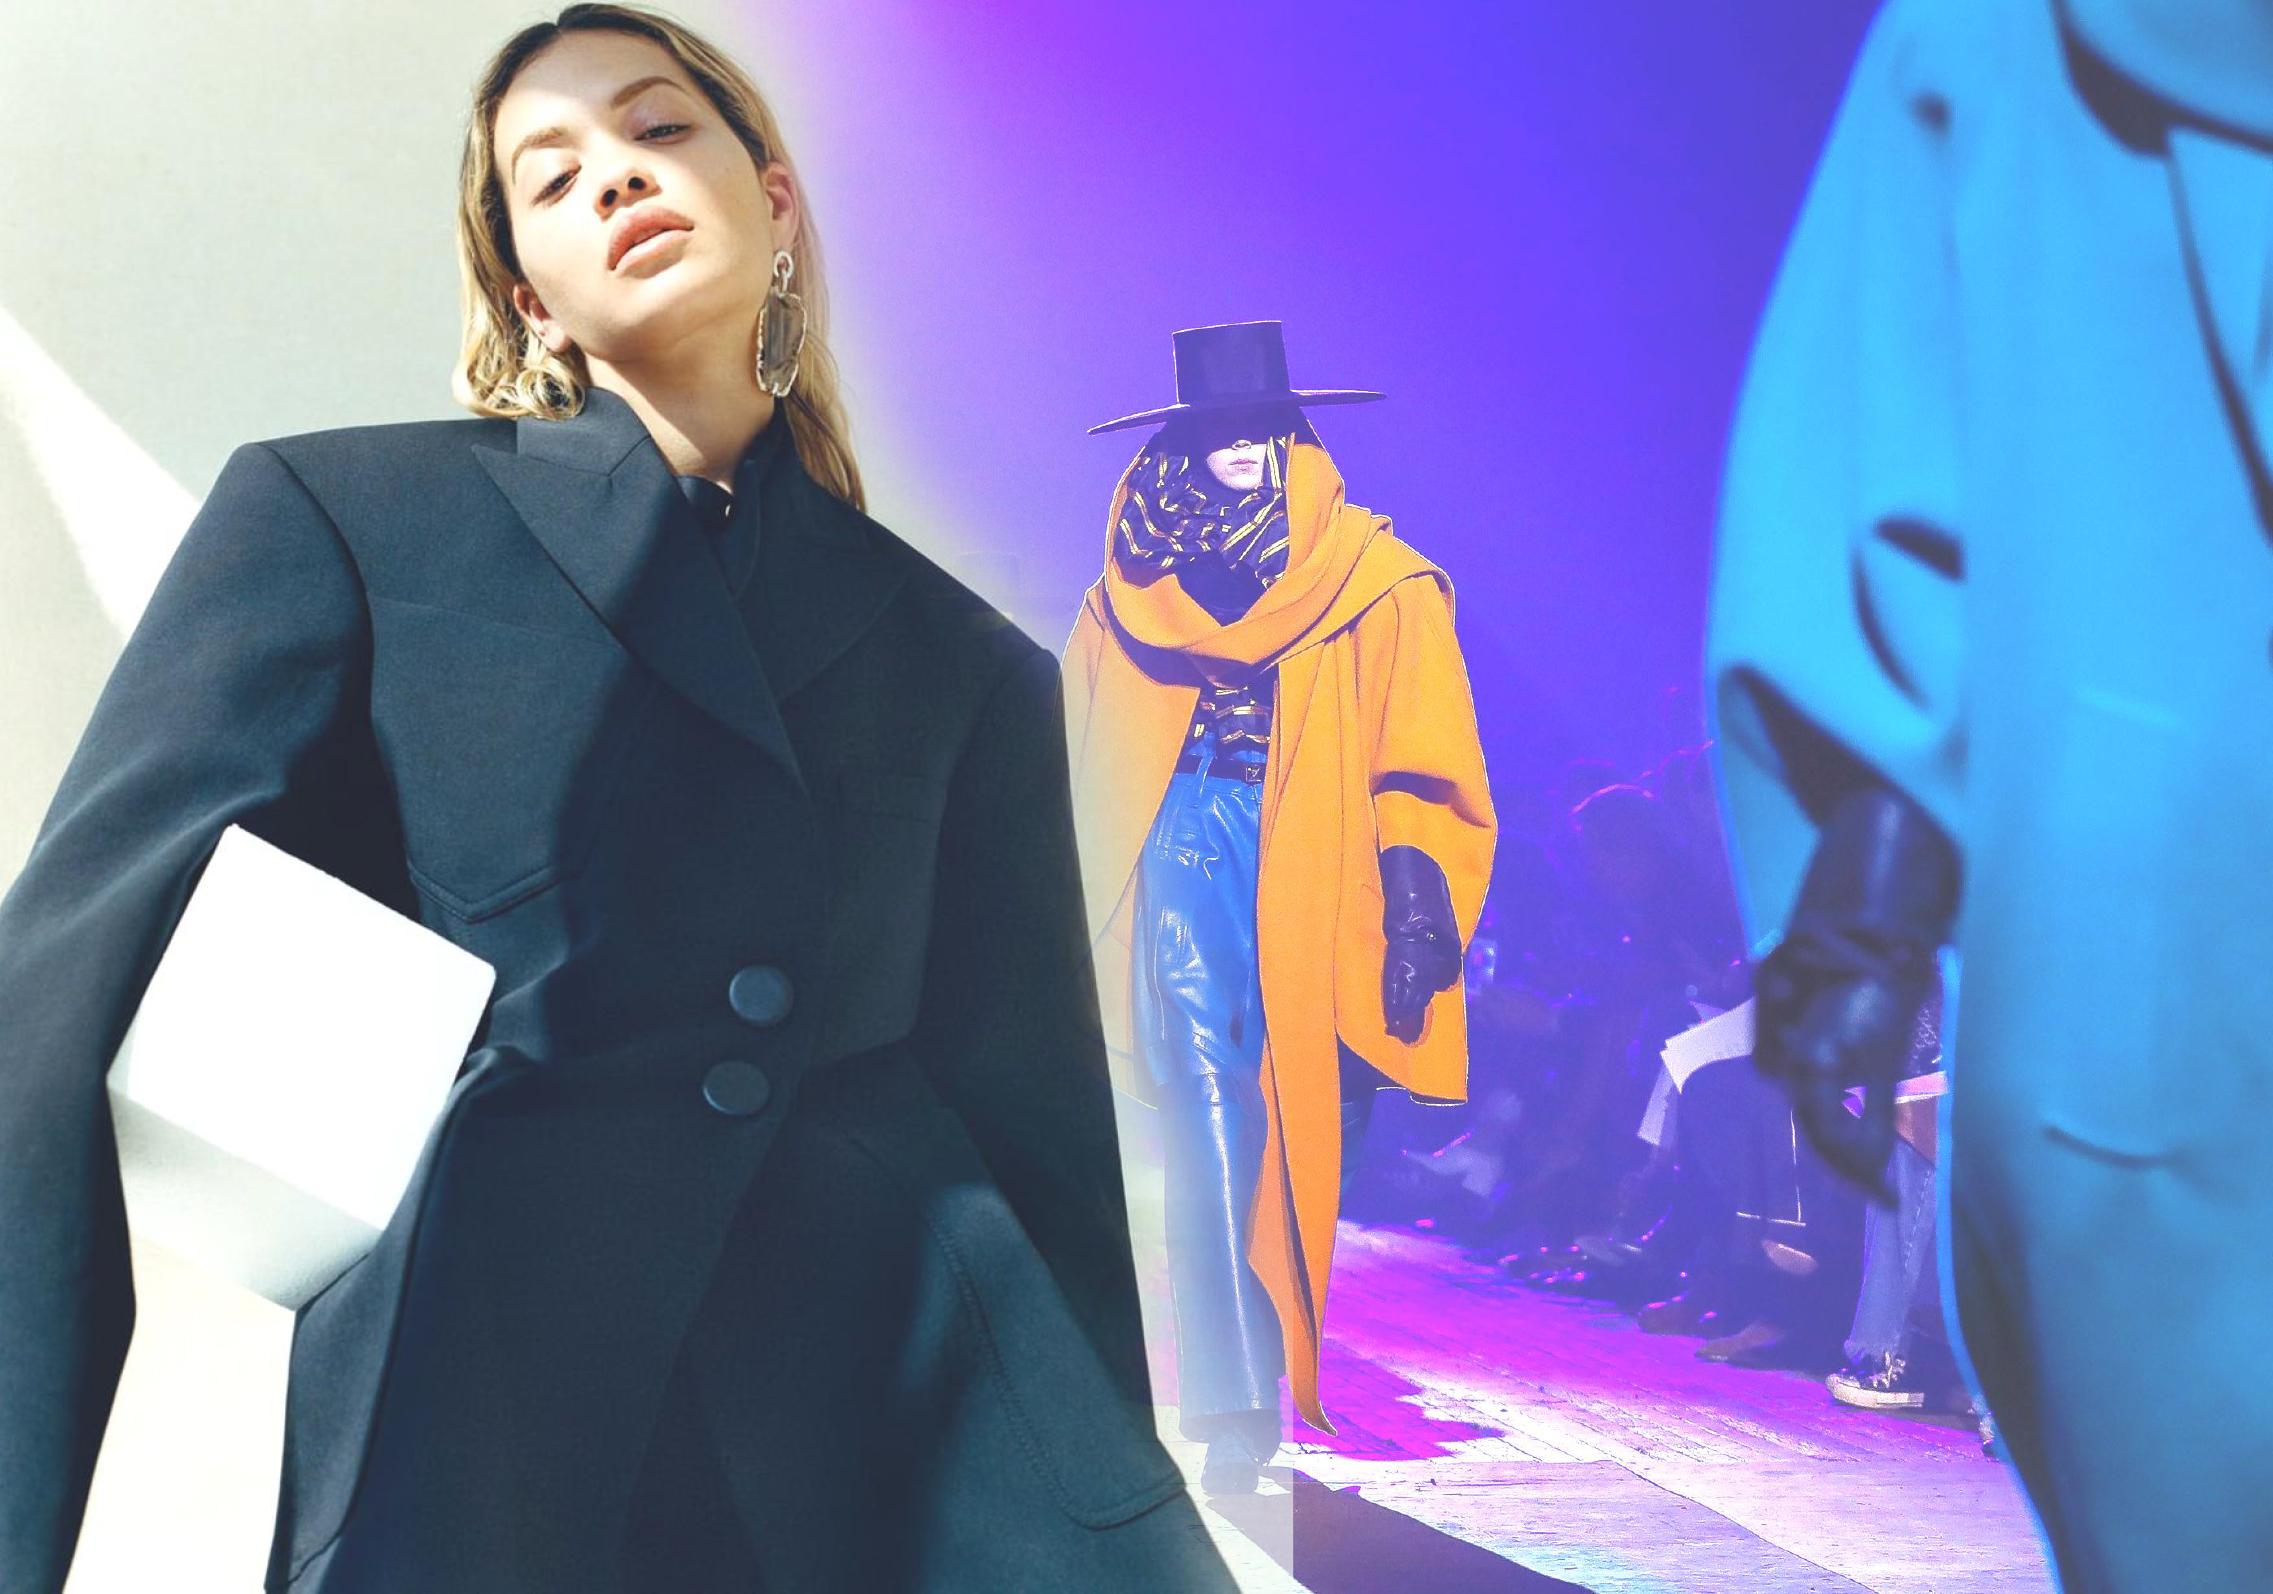 本季大衣毛呢面料上可以看到大量醒目色彩,從飽和色系到熒光筆亮色無所不有,其間是各式紅色和黑色。紅色強調力量,柔和的化妝品色系包含駝色,強調懷舊感。藍色進一步強化女人味從熒光黃到芥末黃,各種黃色提亮整個大衣造型,讓服裝如陽光般奪目從電子藍到矢車菊藍,藍色成為更清新的色選,與黑色構成完美對比。